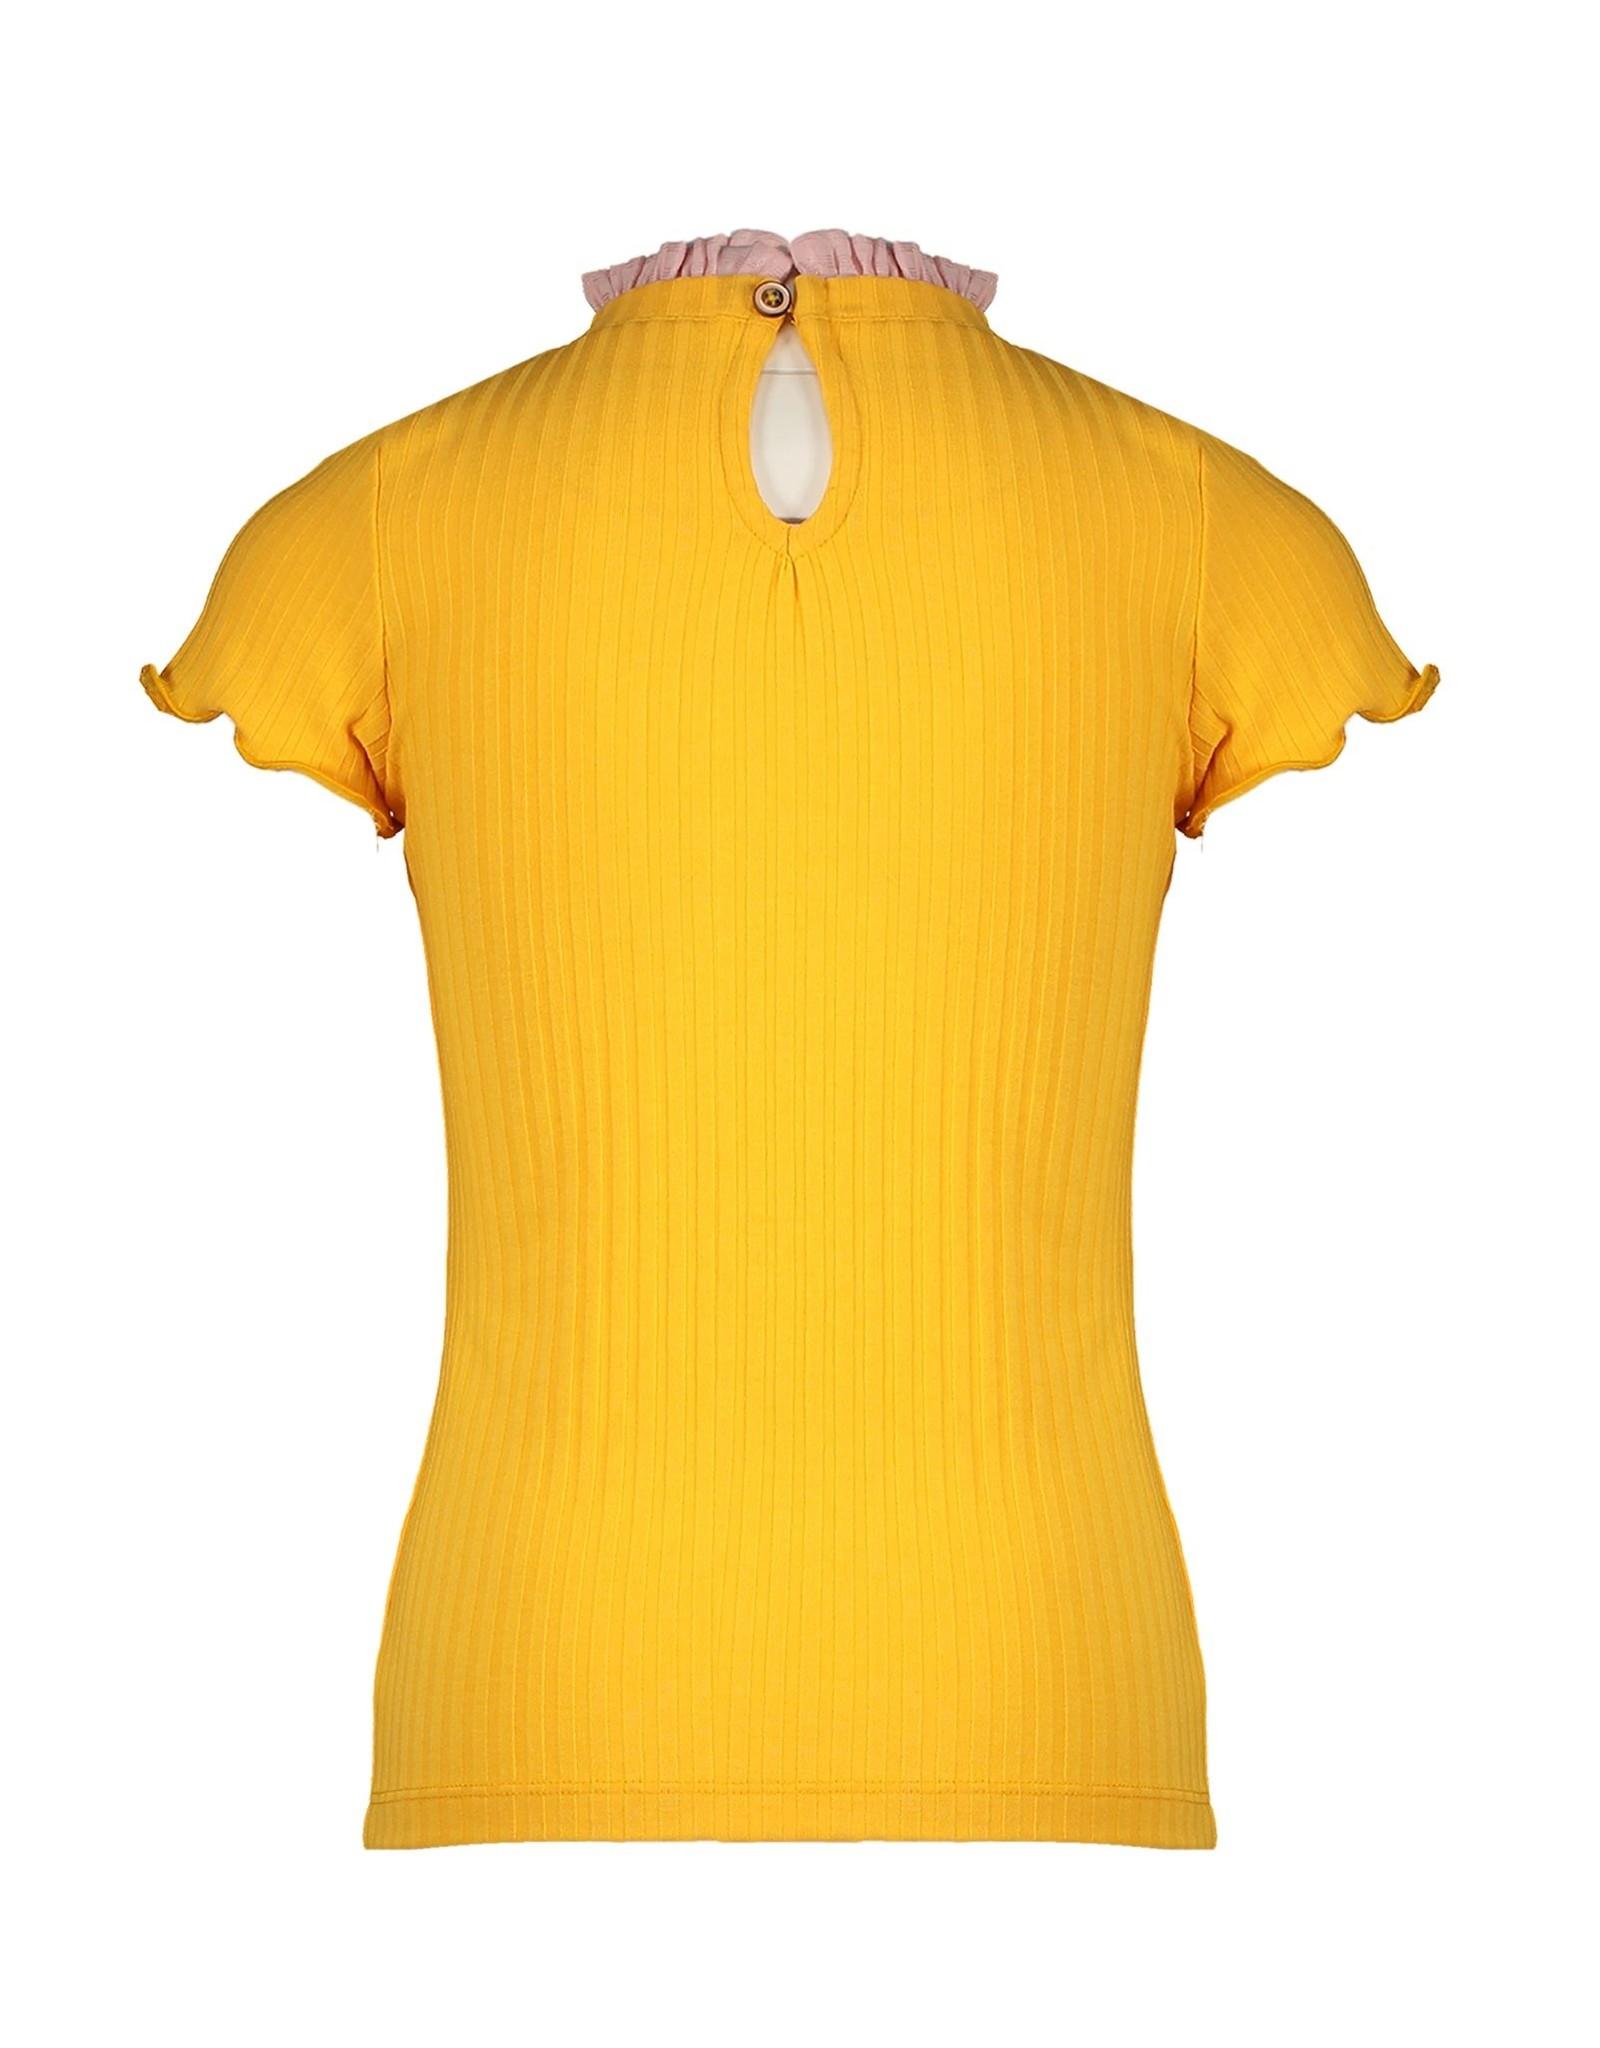 NONO NONO shirt 5406 blazing orange